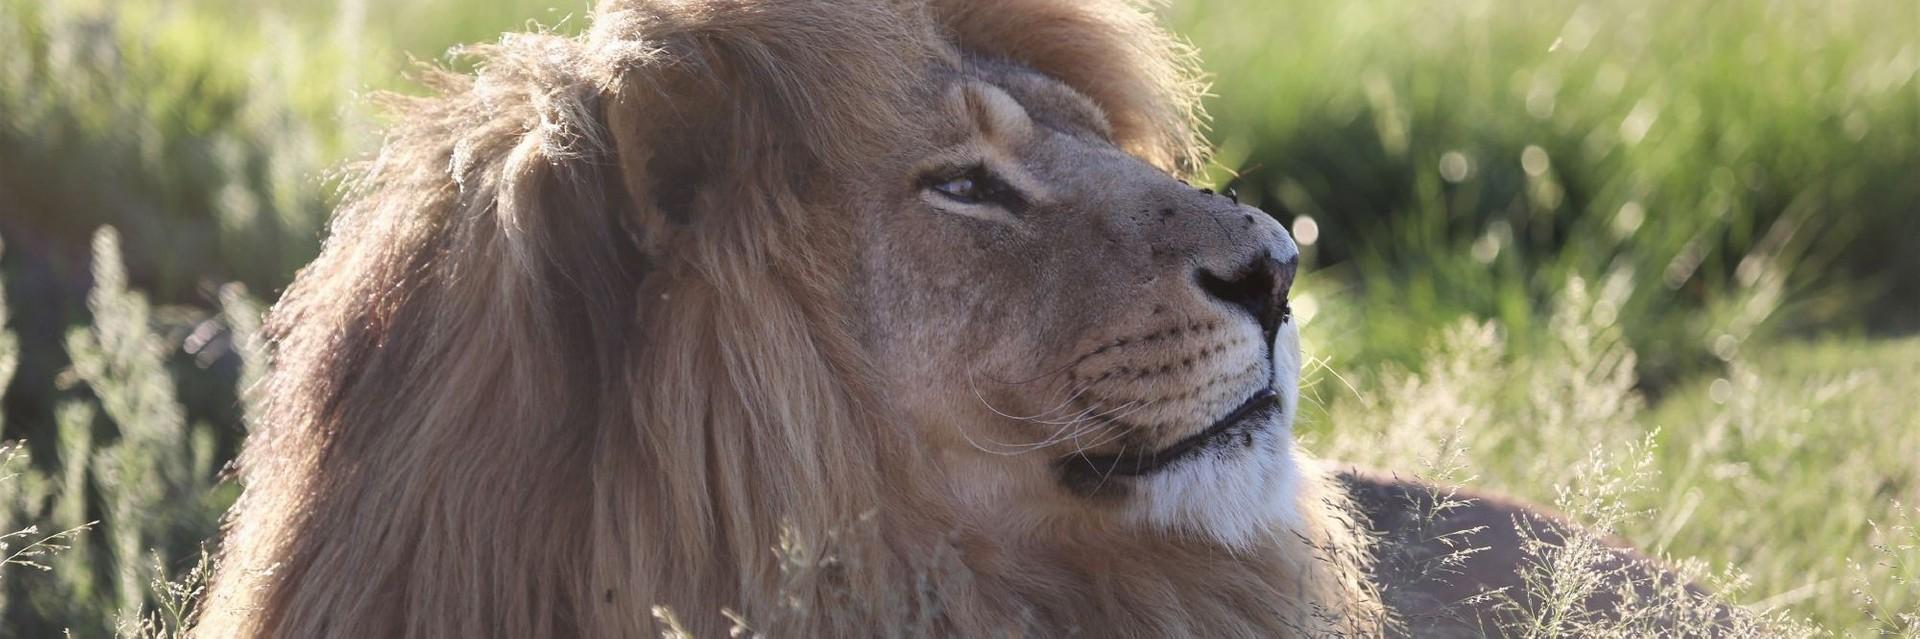 lion lying in the field